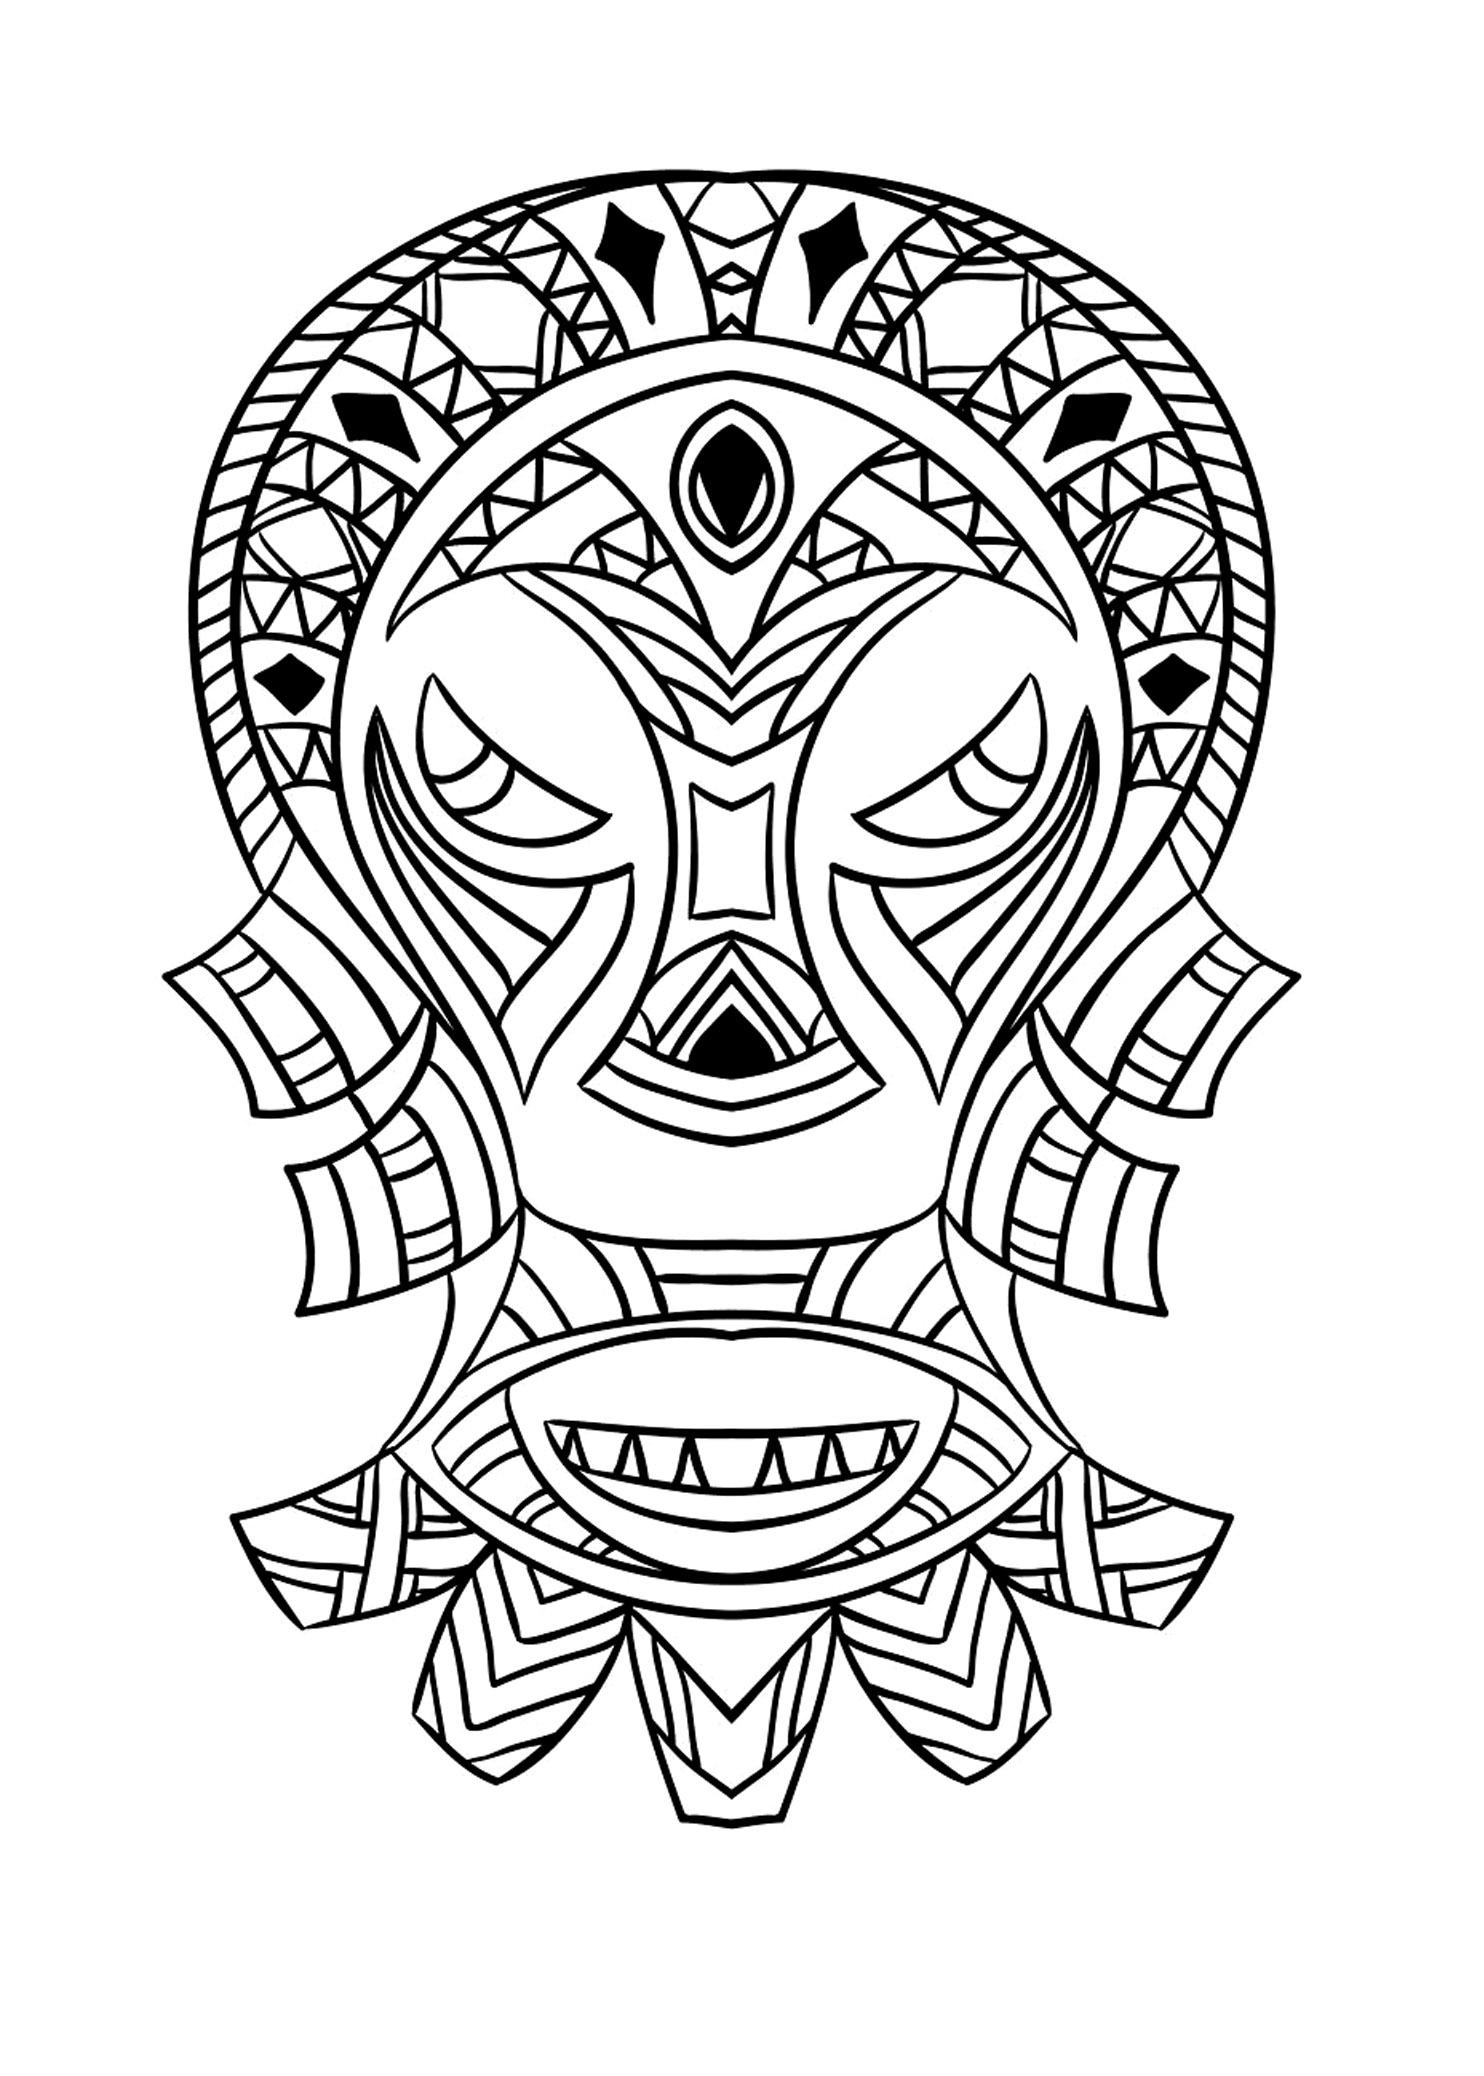 Turbo Masque africain 4 | Coloriage de Masques - Coloriages pour enfants BH36